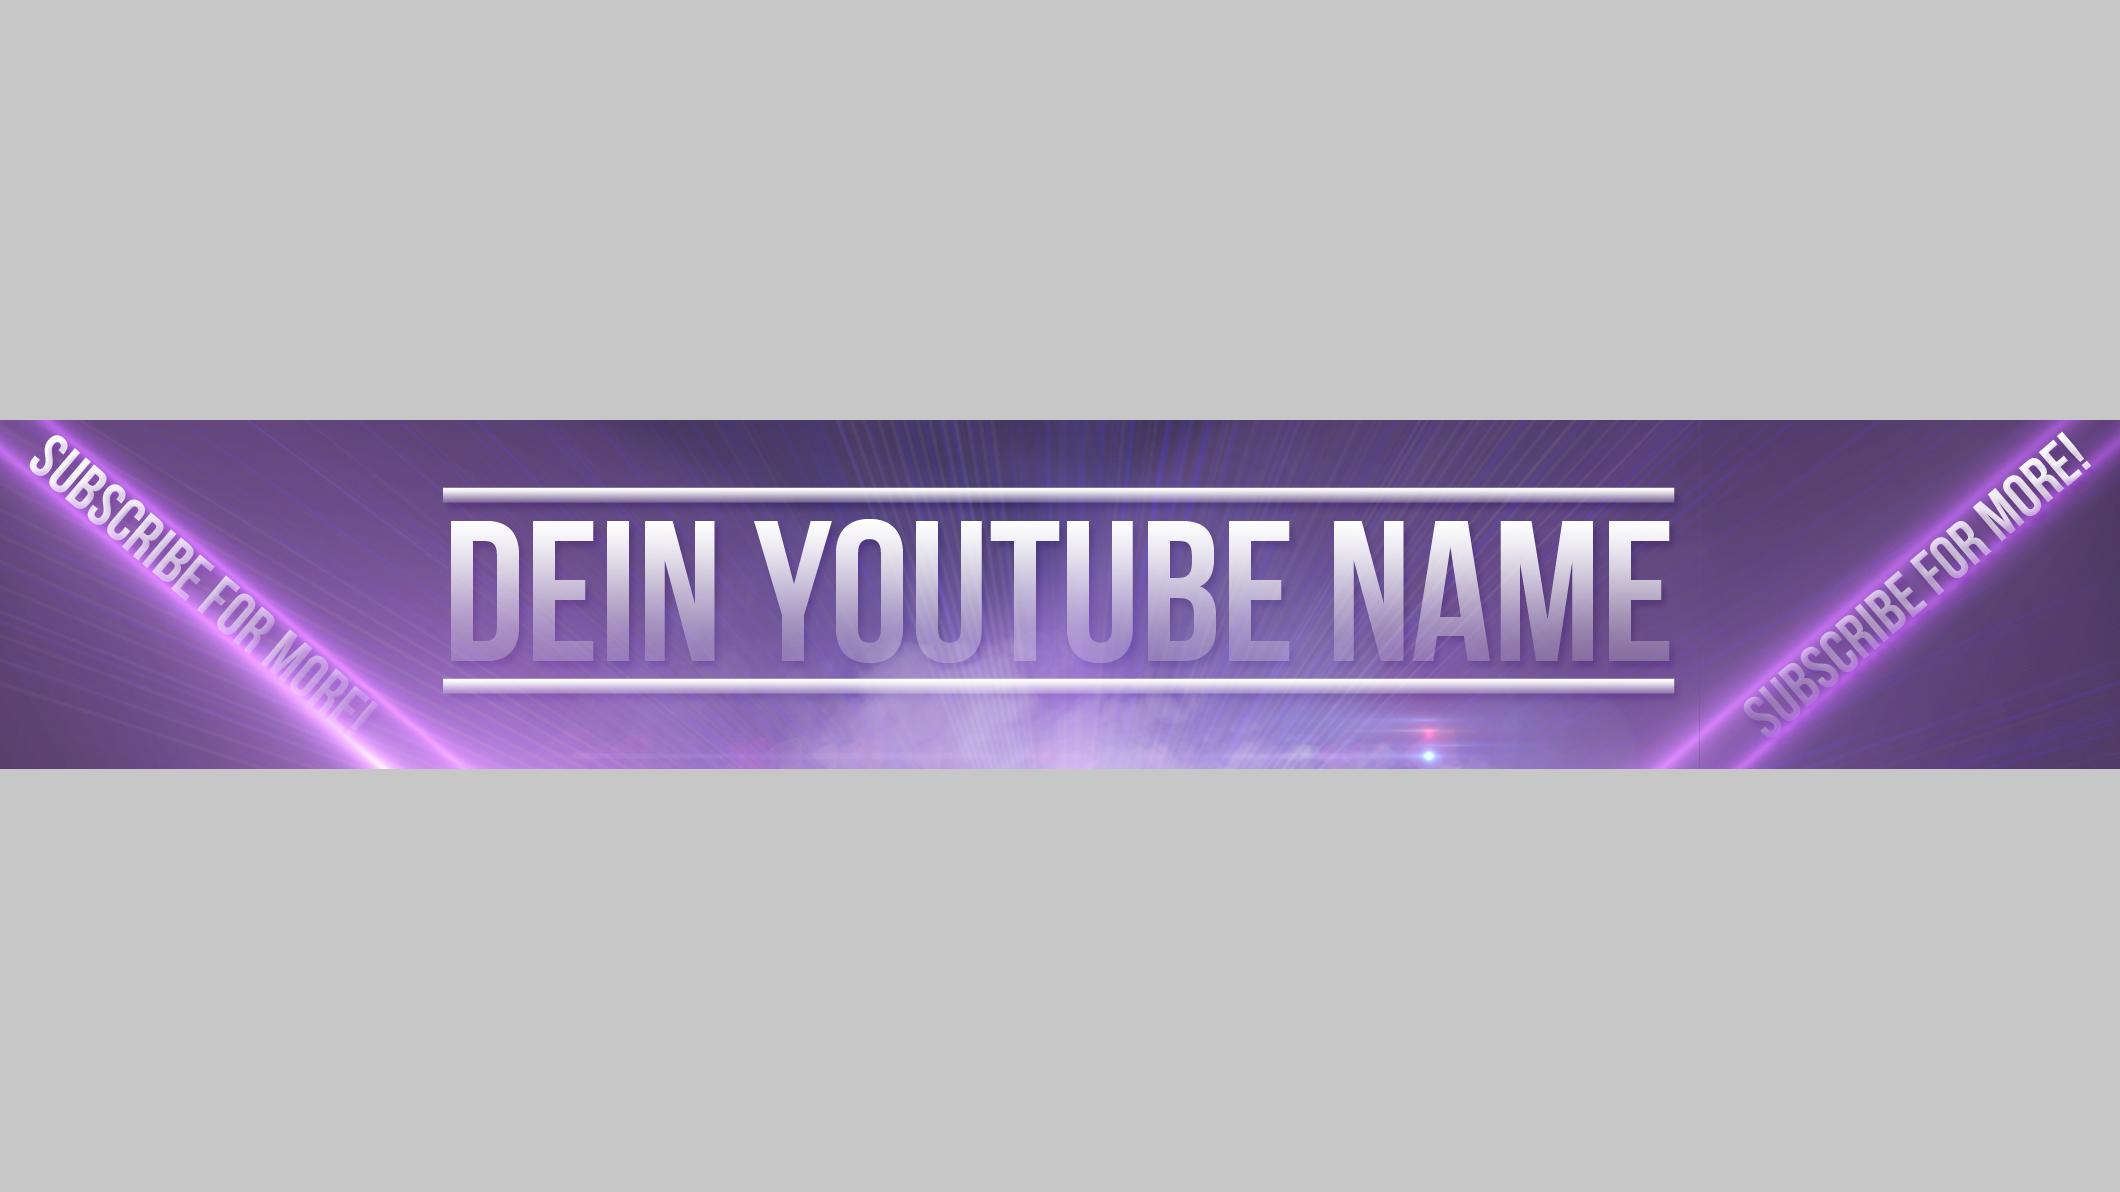 Gewinnspiel] YouTube Banner - Events und Wettbewerbe - breadfish.de ...